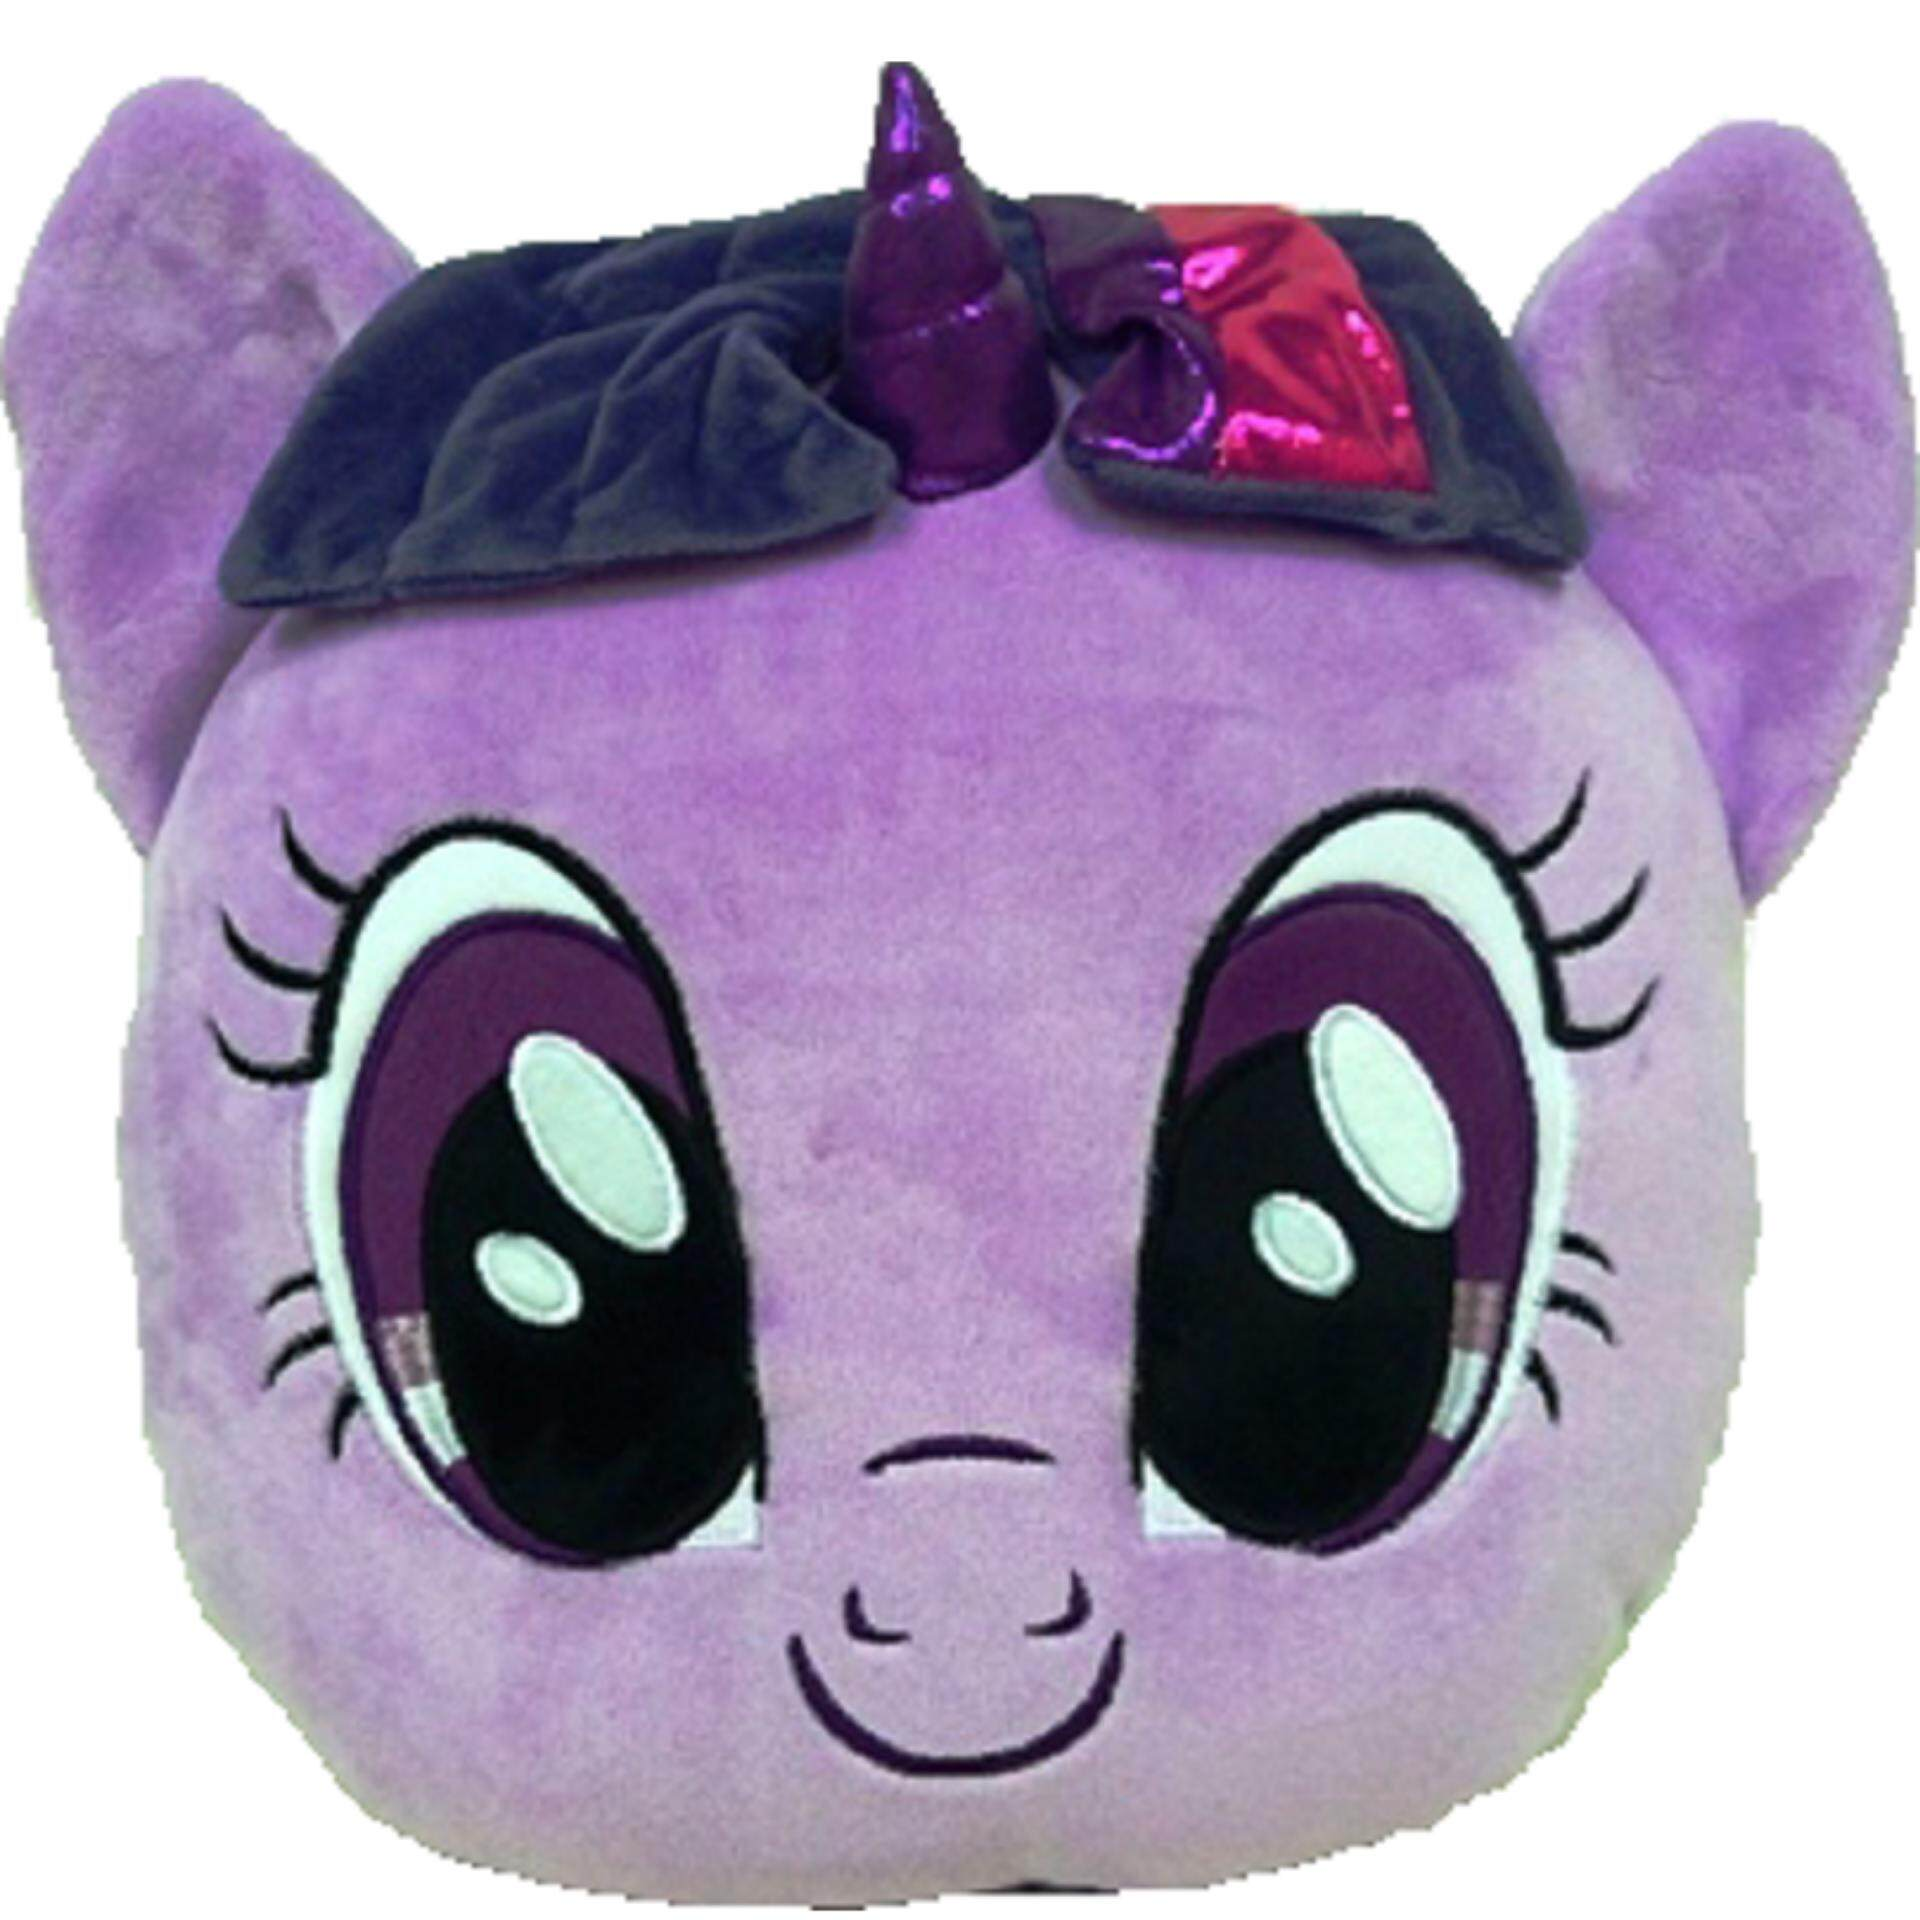 My Little Pony Face Cushion - Twilight Sparkle